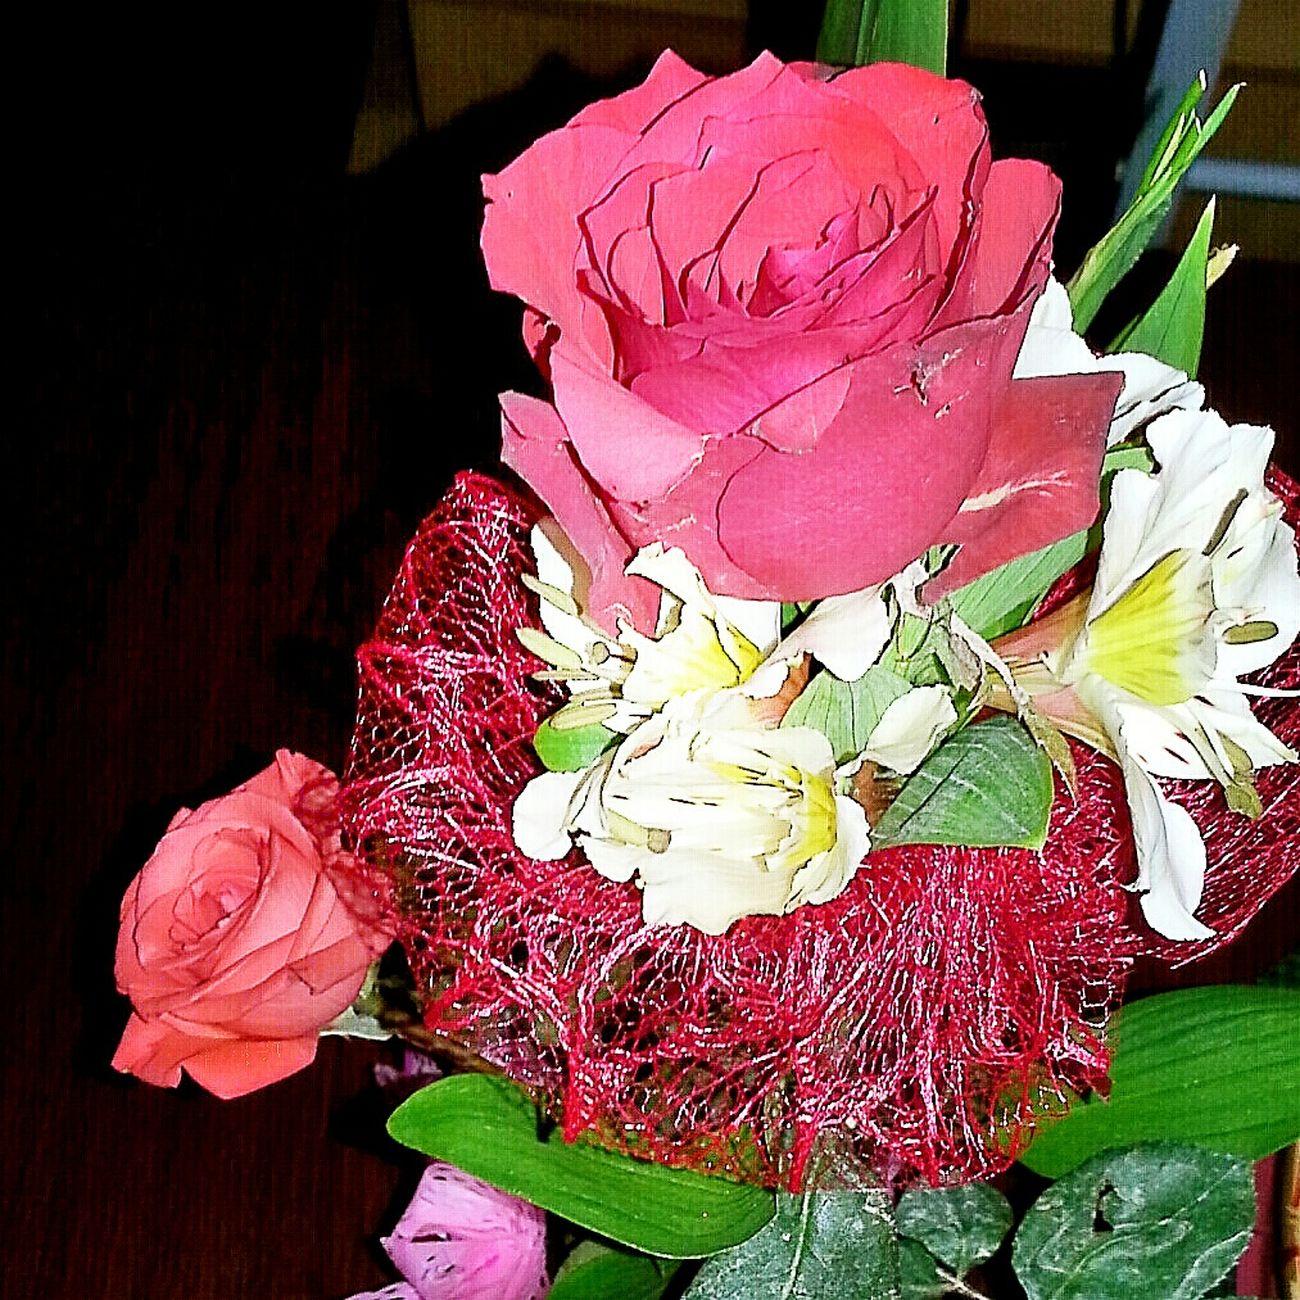 EyeEm Best Shots EyeEm Gallery Eyeem Philippines Celebrating 💖 Day Happy Valentines Day ❤ Celebrating Love! Flower Power Enjoying Life